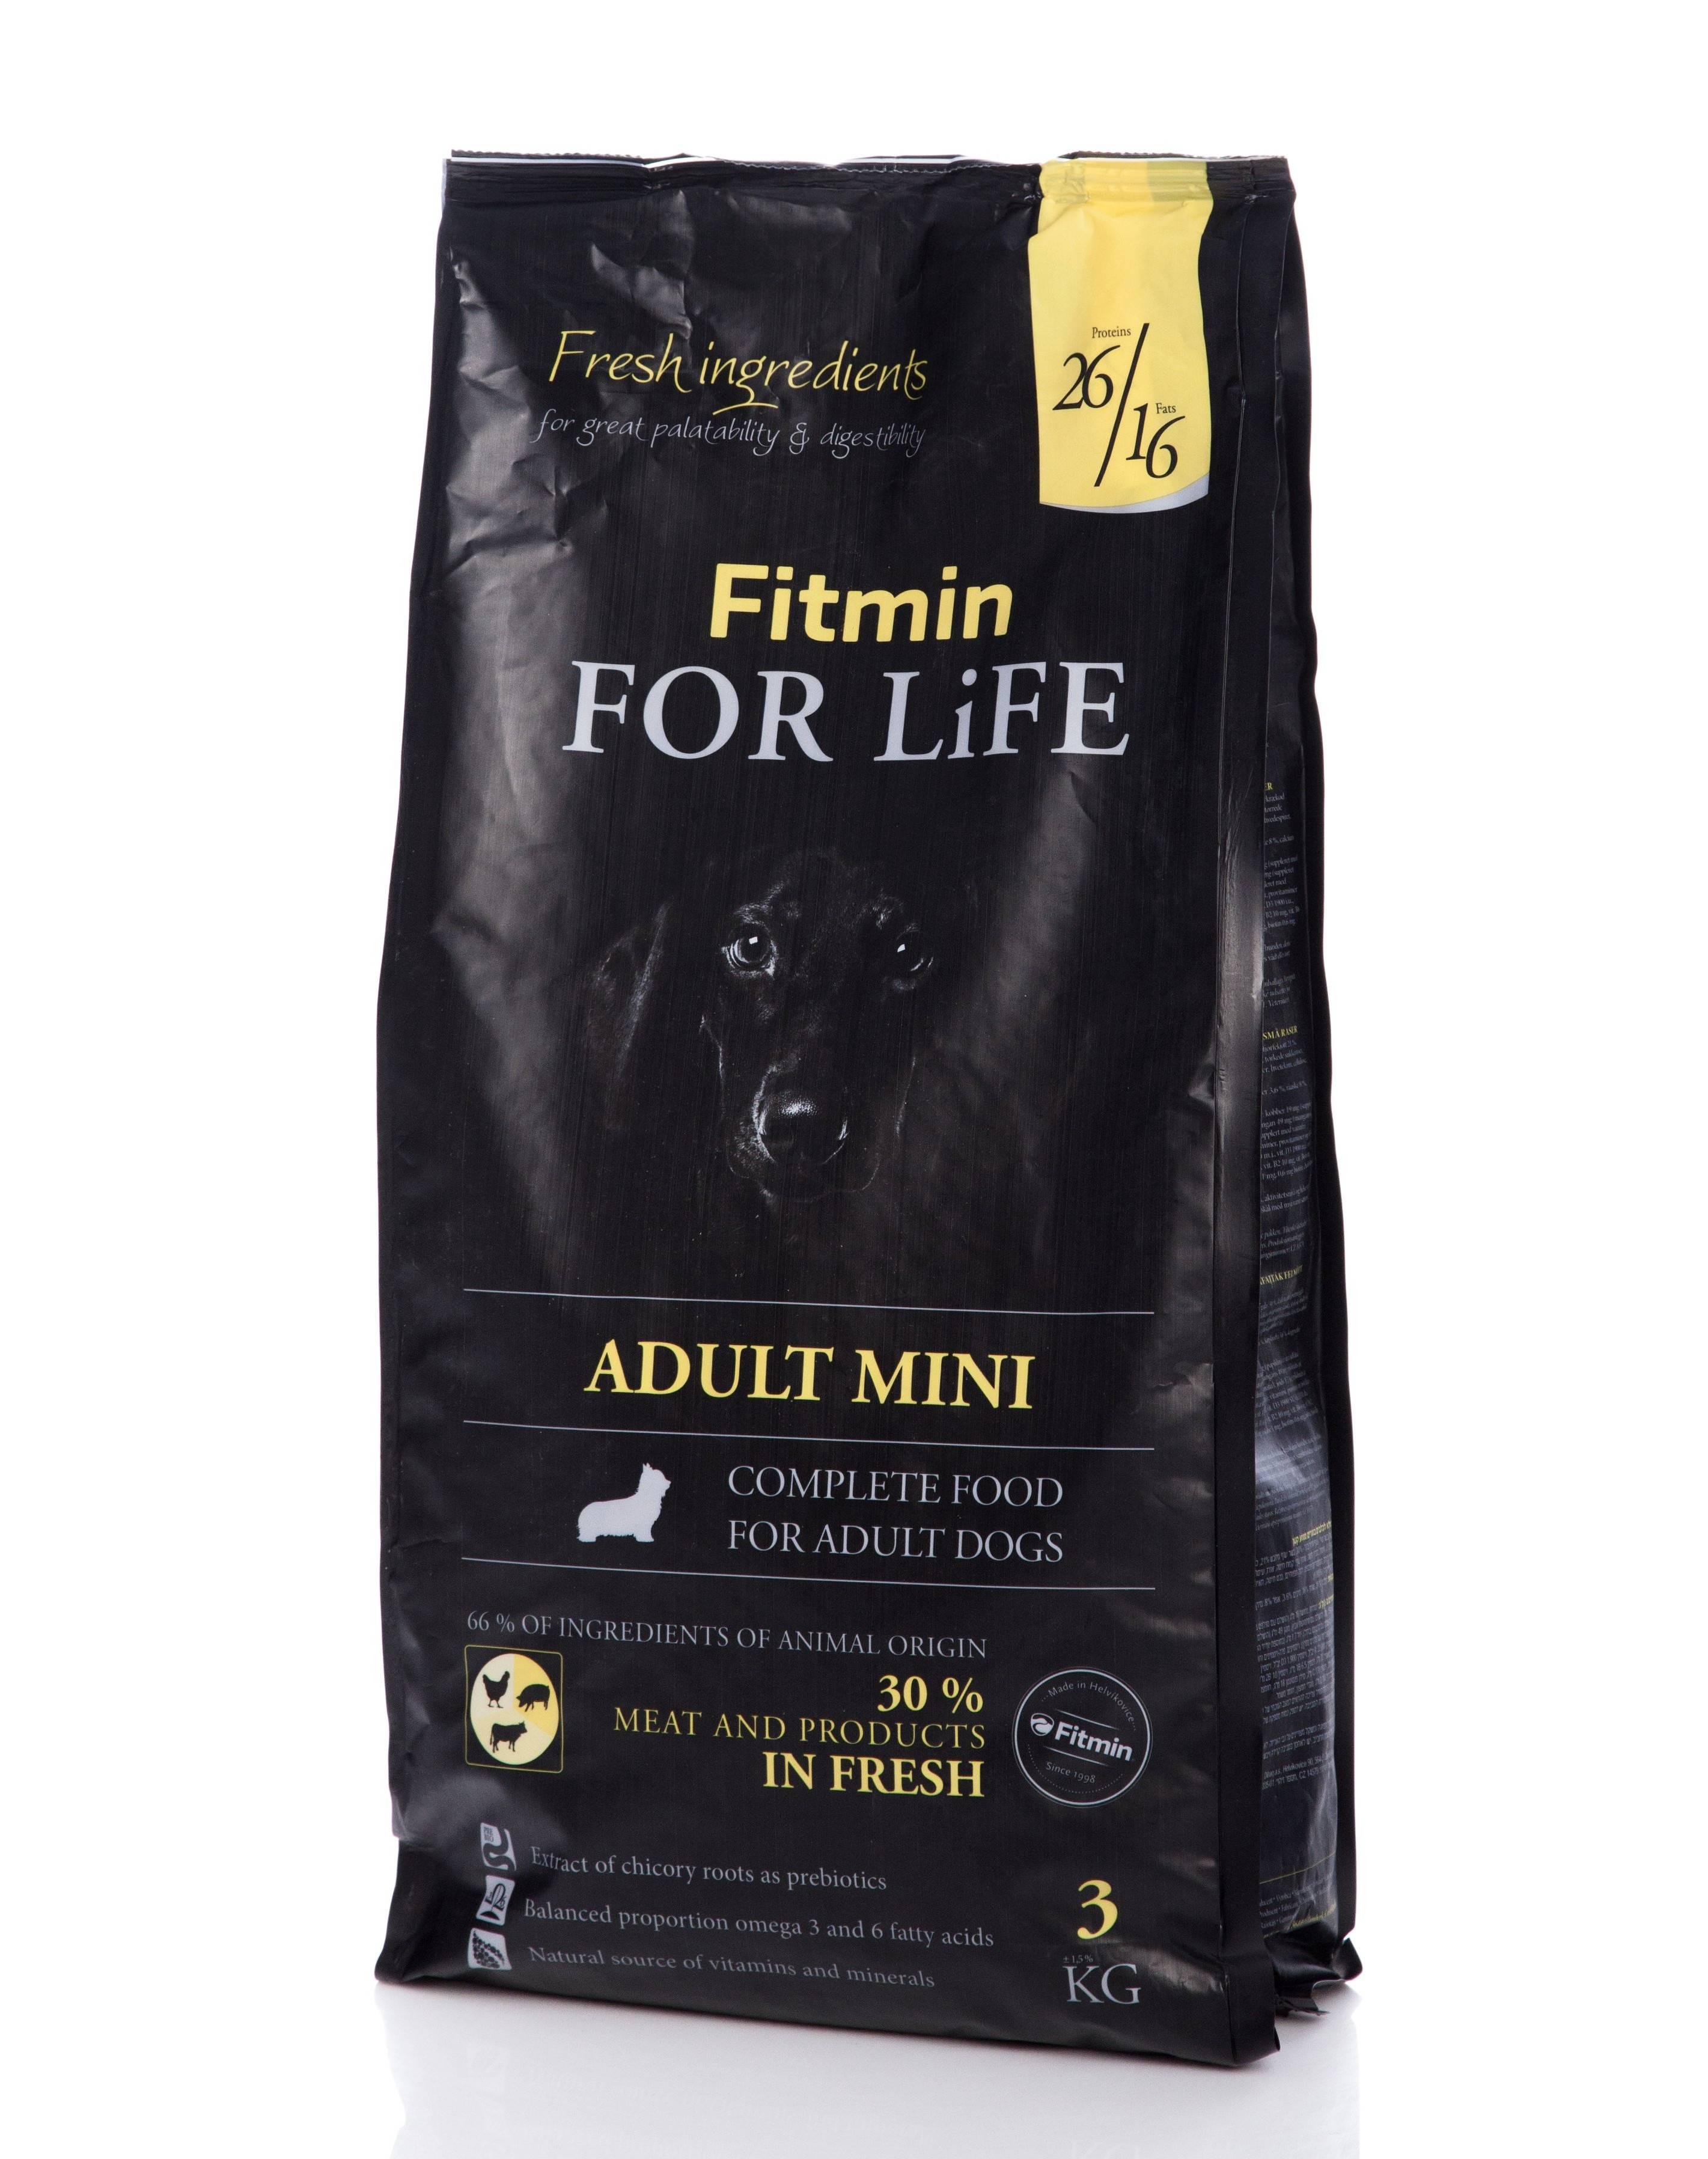 Корма для собак fitmin (фитмин): ассортимент, анализ состава корма, преимущества и недостатки, выводы о кормах